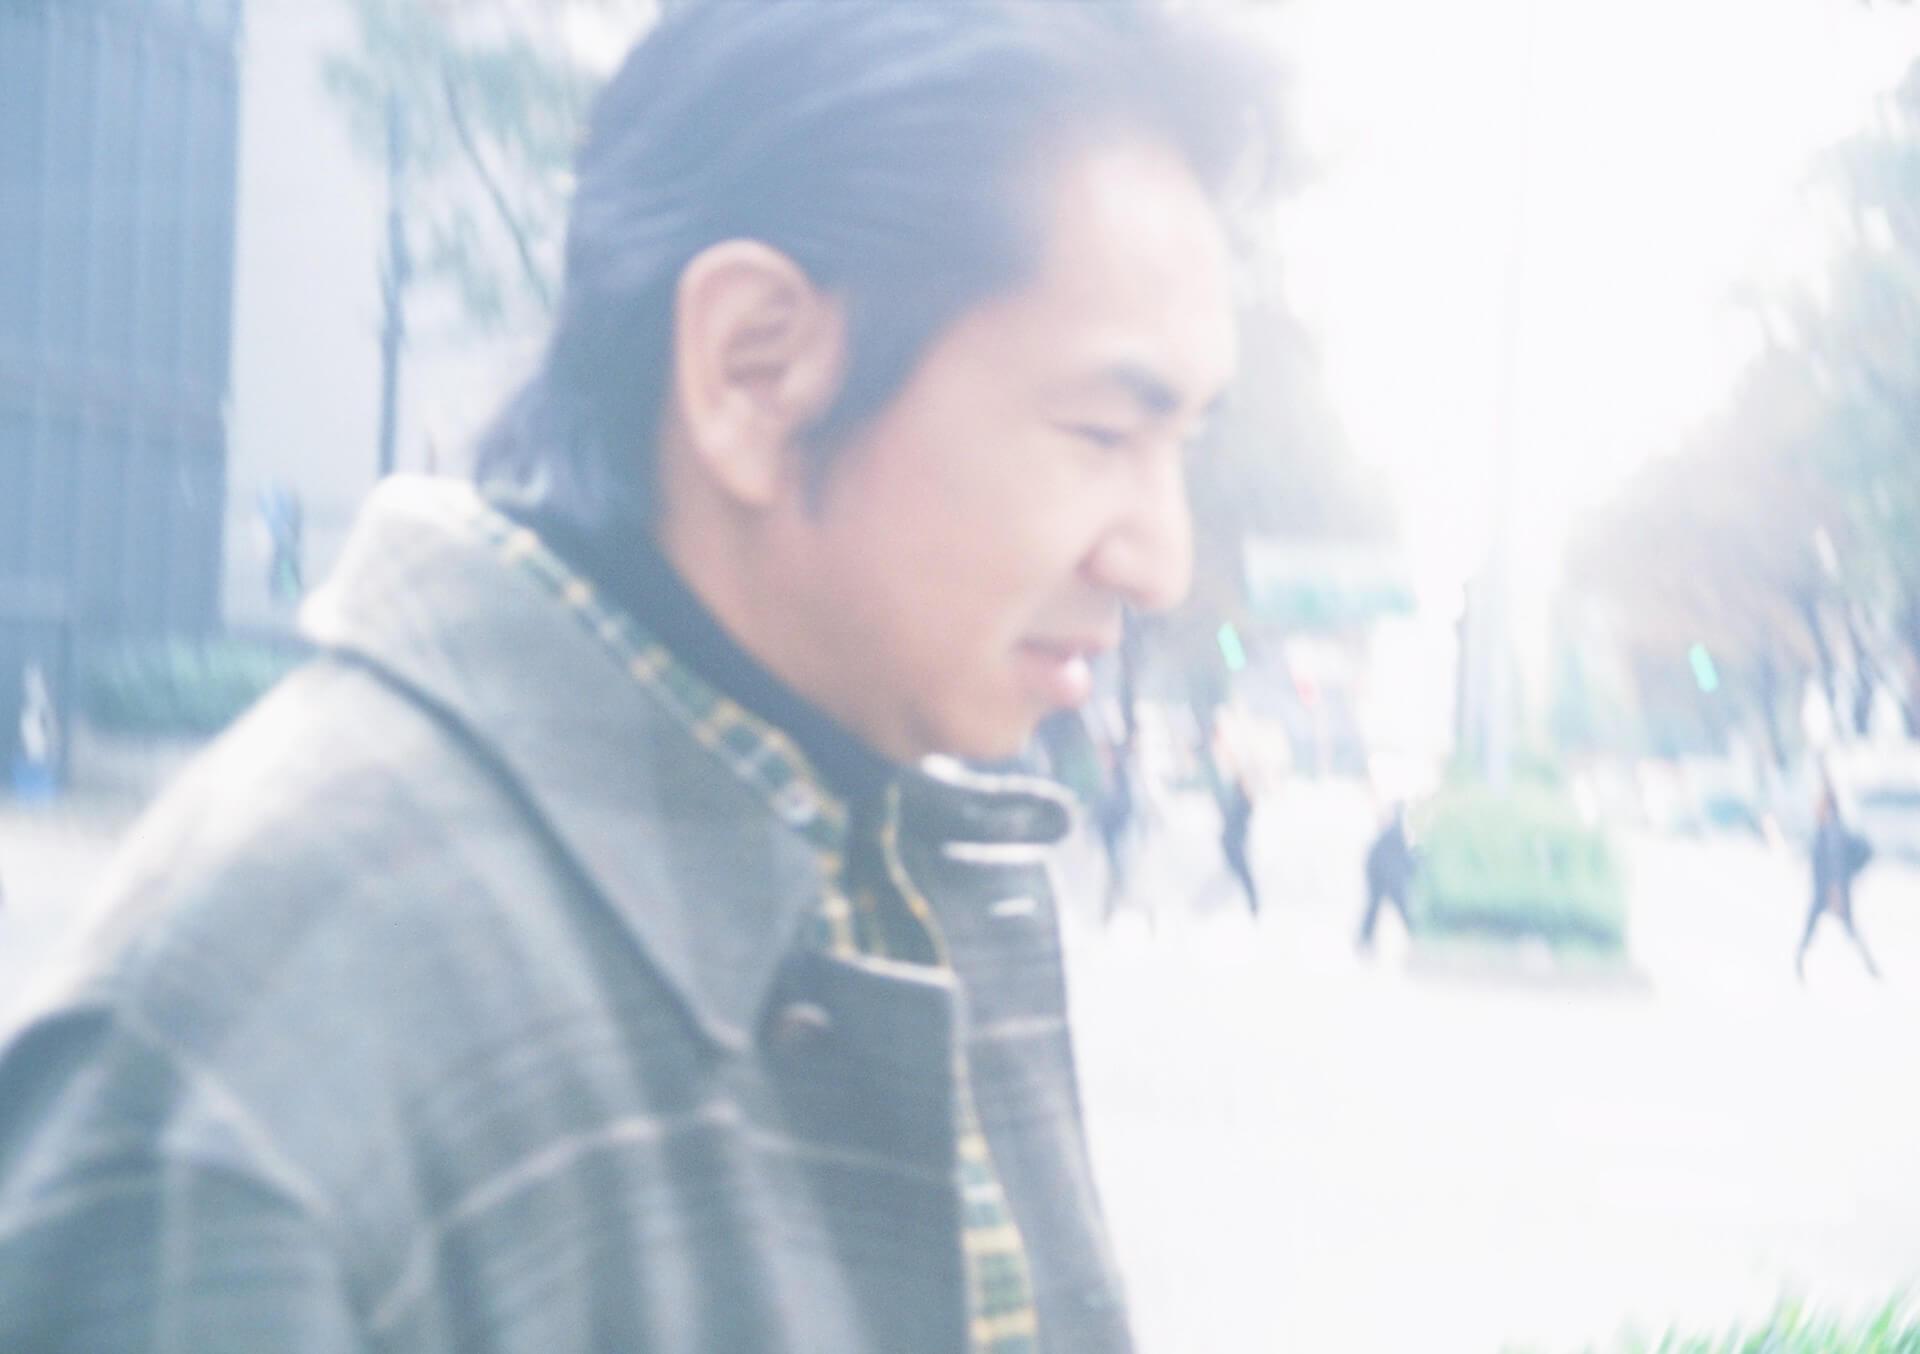 ハーレーダビッドソン×Rei<SEEK for SOUL LIVE SHOWCASE>開催|スペシャルゲストに田島貴男(ORIGINAL LOVE)登場! 190904music_seekforsoul_04